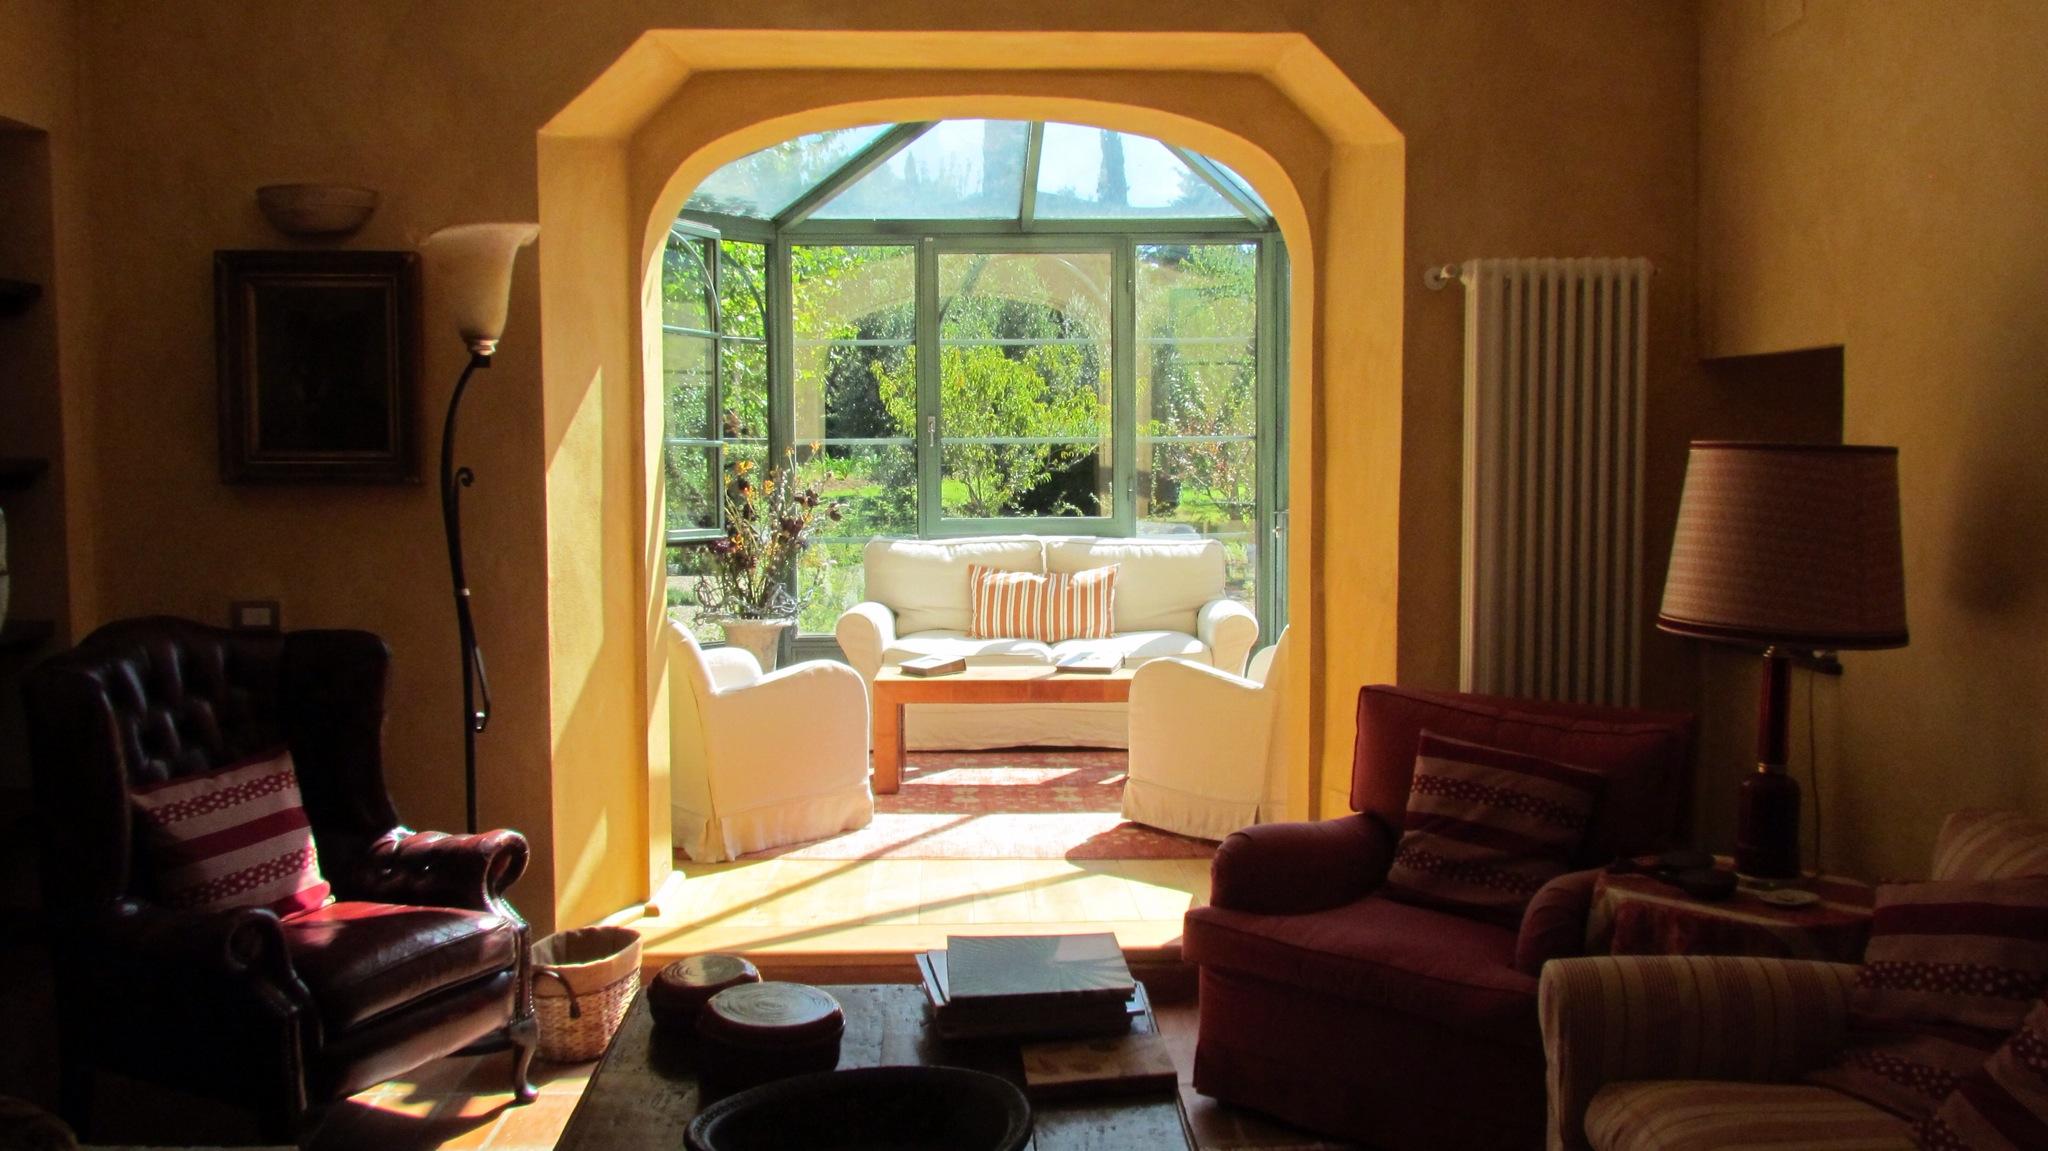 Ampliamento casa garden house lazzerini - Ampliamento casa ...